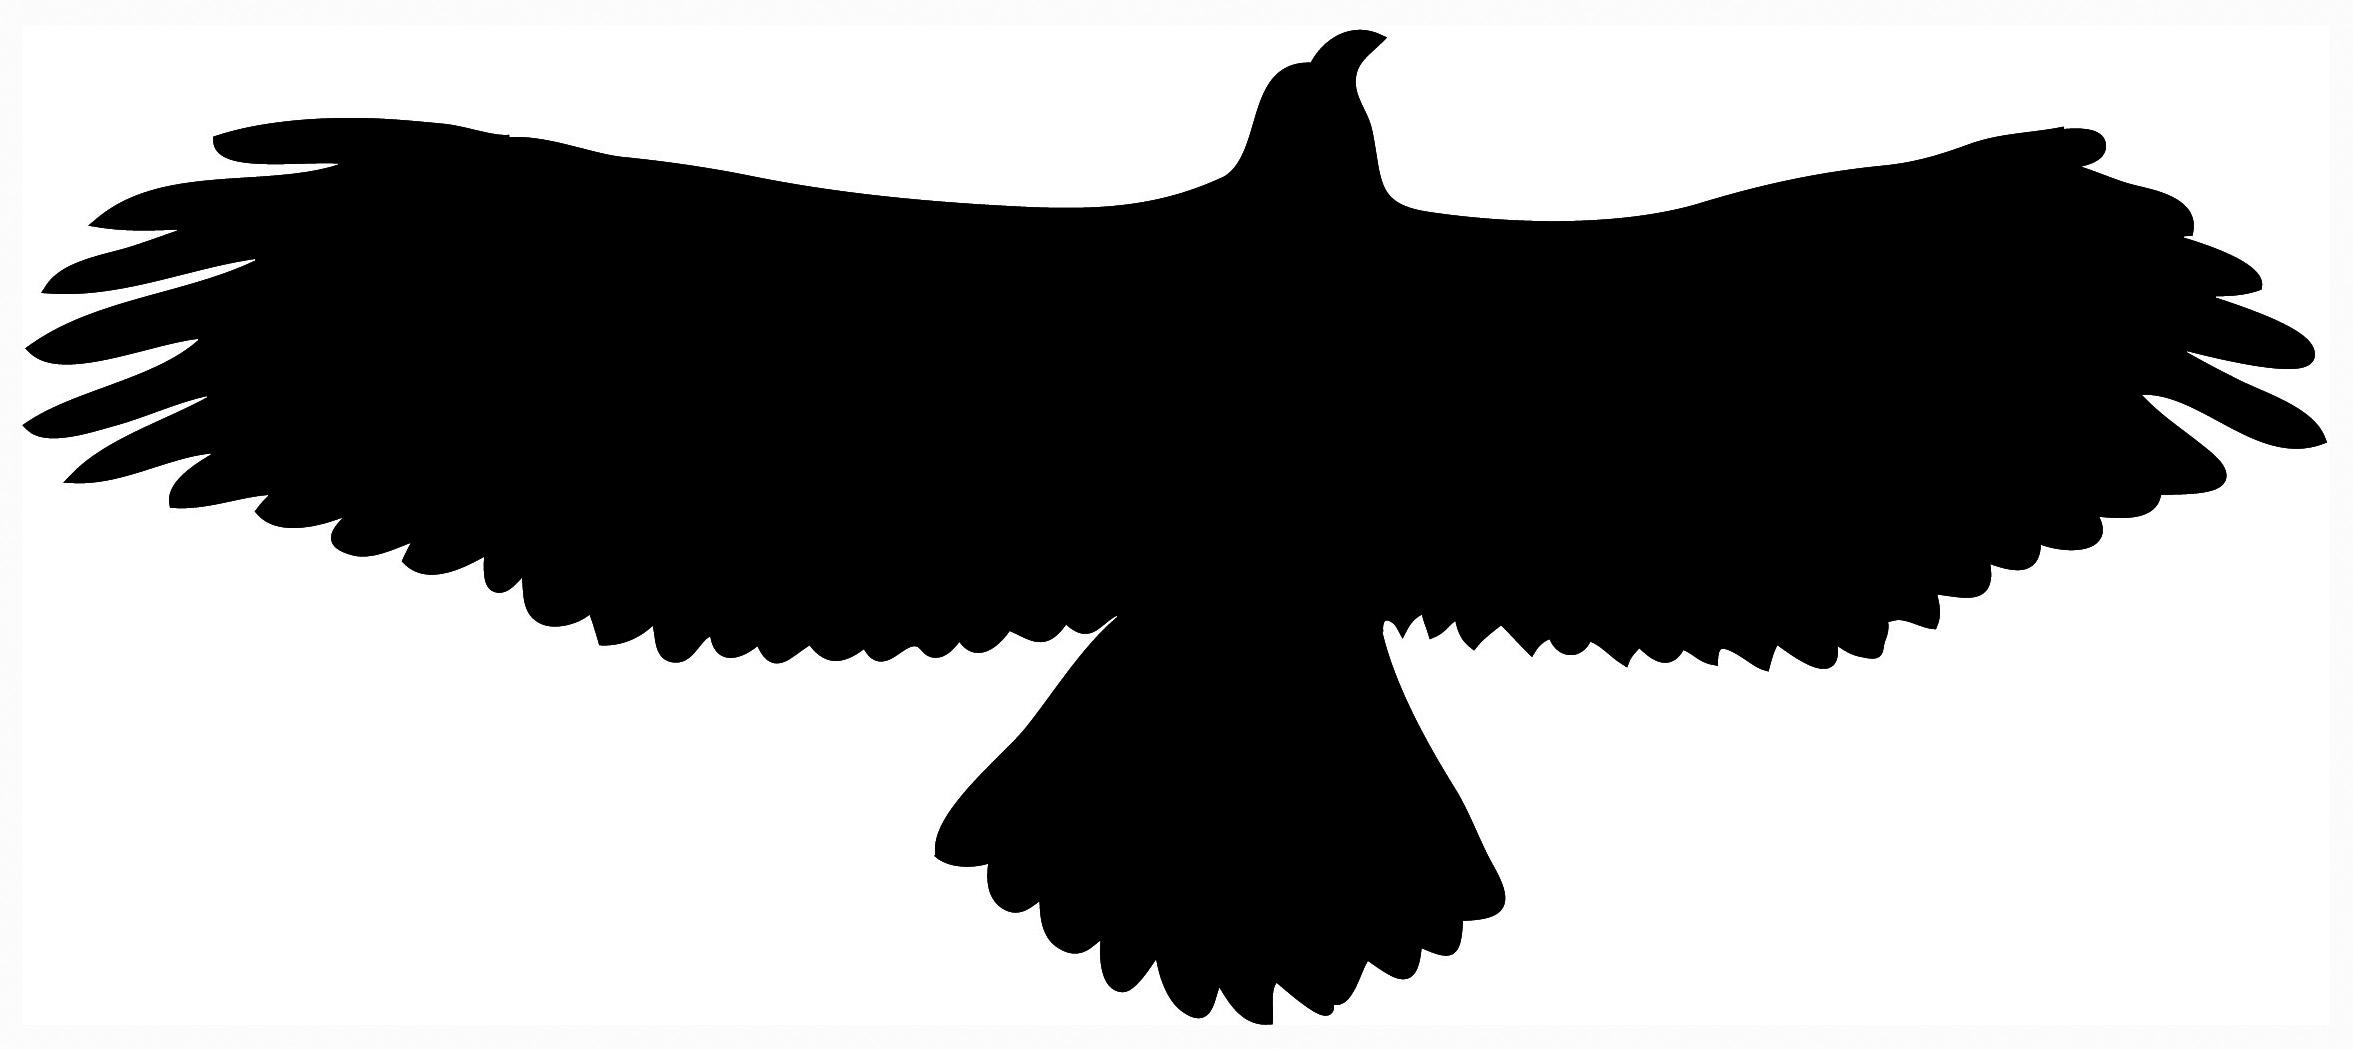 golden eagle silhouette in flight